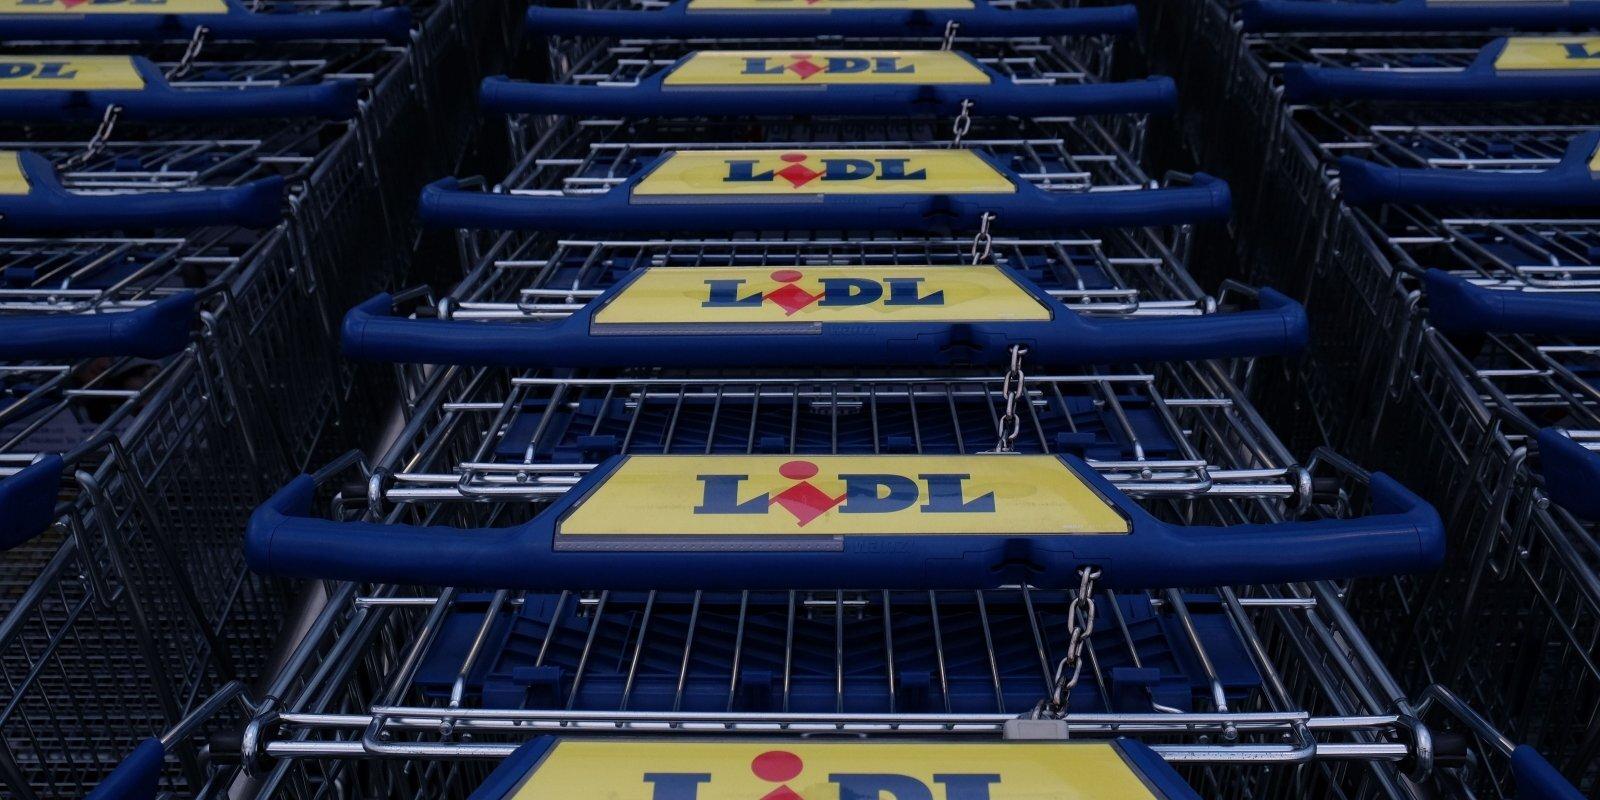 Mazumtirdzniecības nozarē gaisā virmo 'Lidl' bieds: kā gatavojas nelielo veikalu tīkli